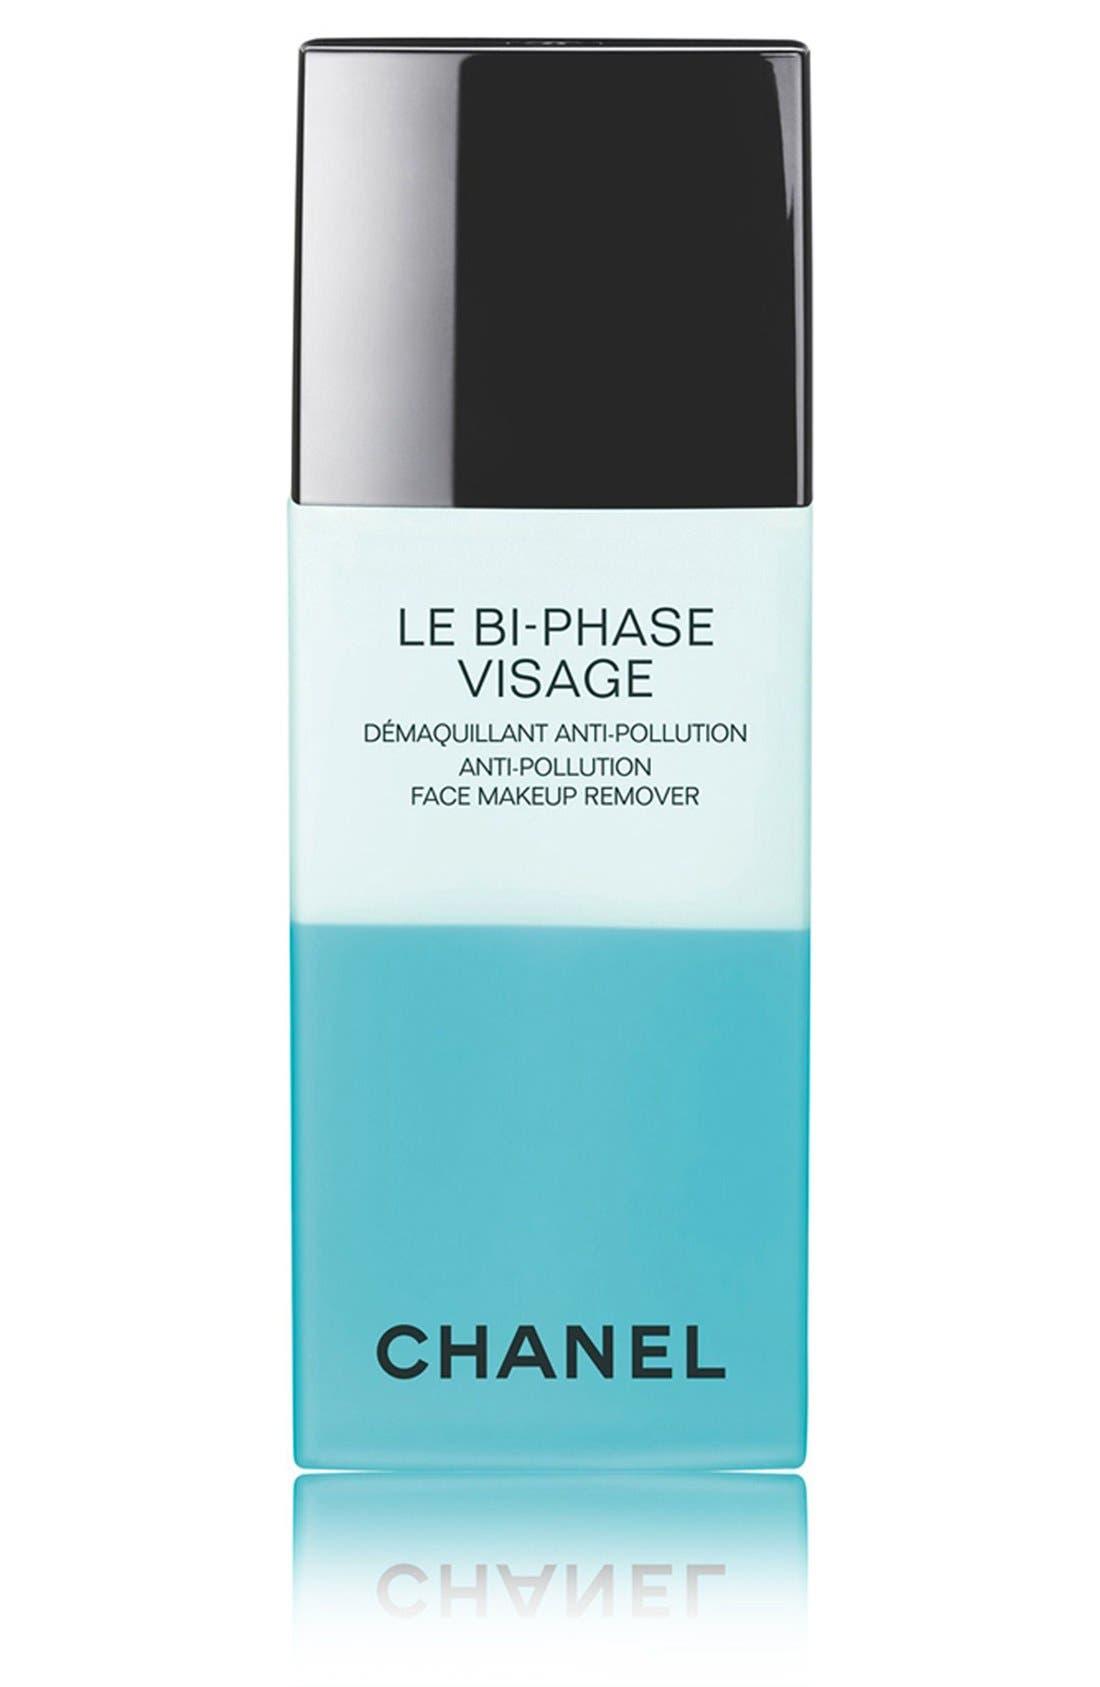 LE BI-PHASE VISAGE<br />Anti-Pollution Face Makeup Remover,                             Main thumbnail 1, color,                             000